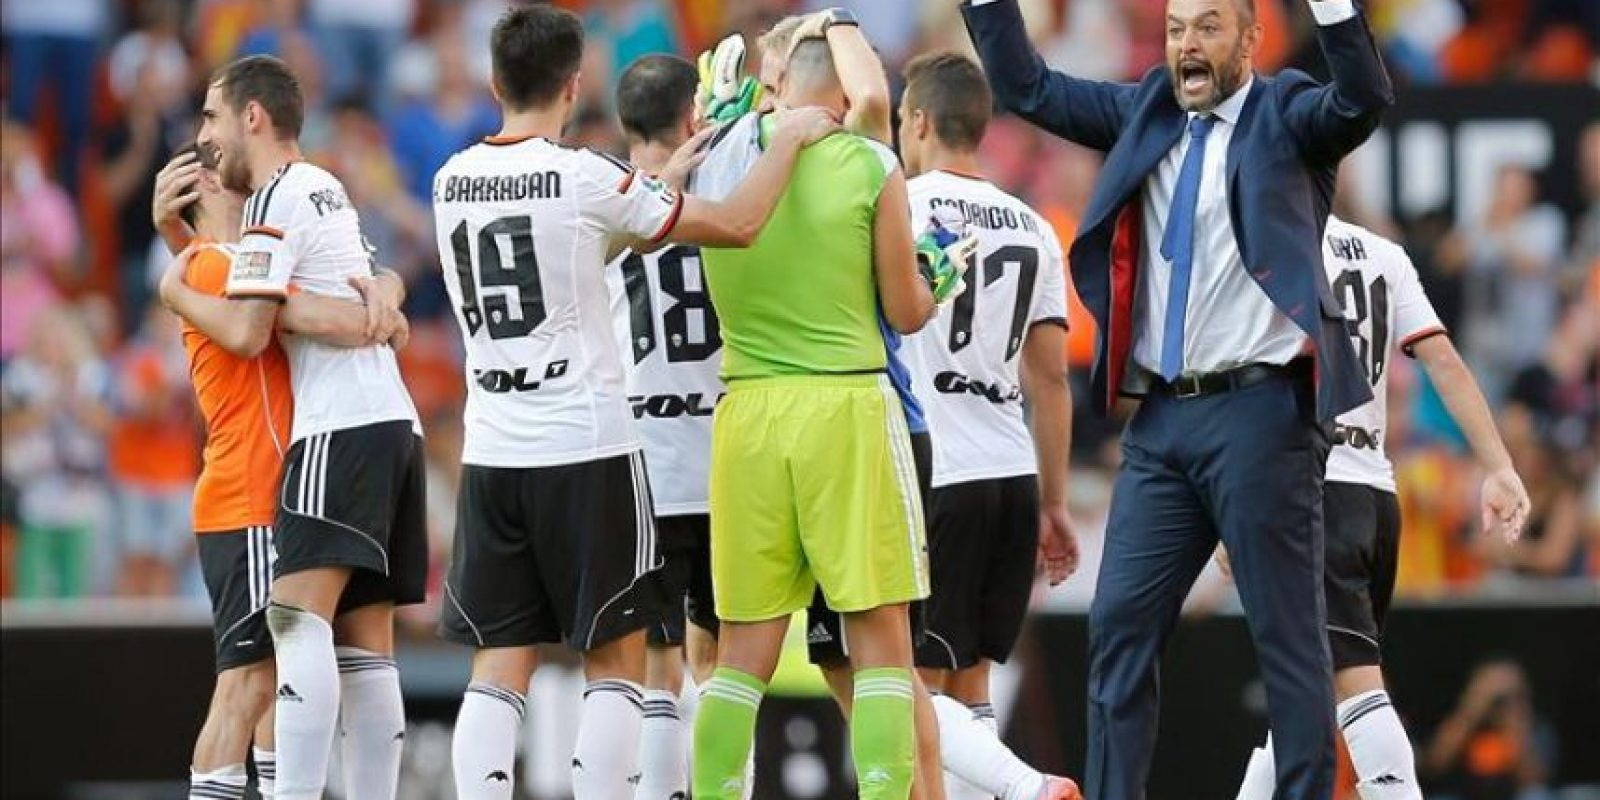 El entrenador del Valencia, el portugués Nuno Espirito Santo, celebra con sus jugadores la victoria ante el Atlético de Madrid, de la séptima jornada de liga en Primera División que se disputó en el estadio de Mestalla, en Valencia. EFE